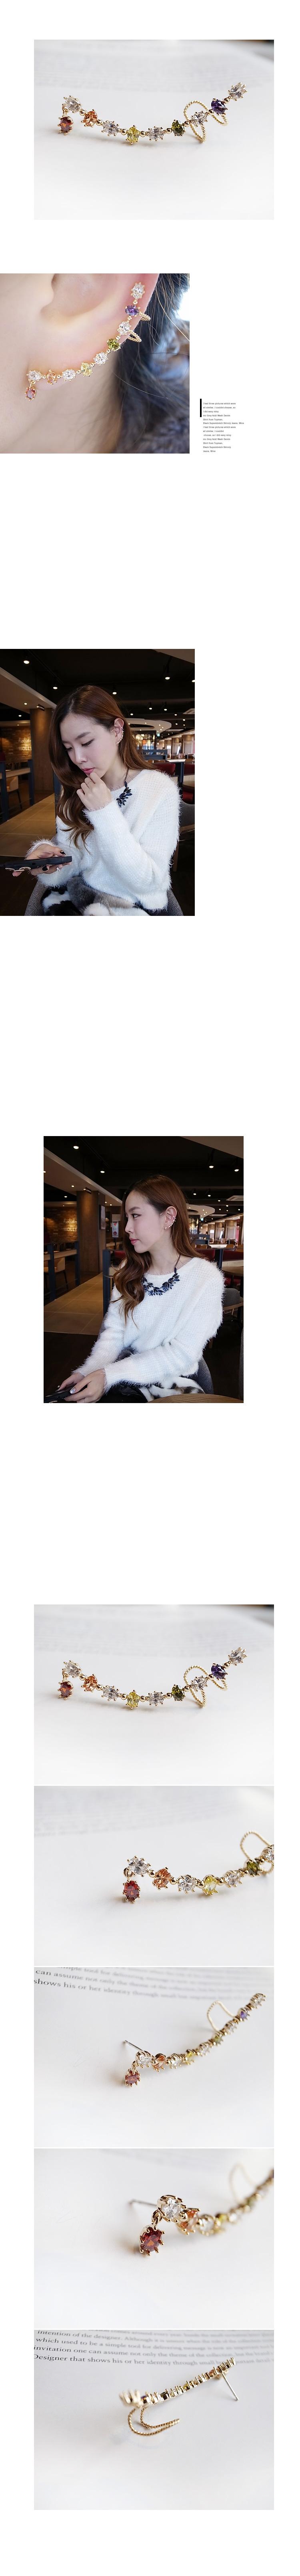 韓國 NaniWorld 彩色碎鑽氛圍耳飾 #2676